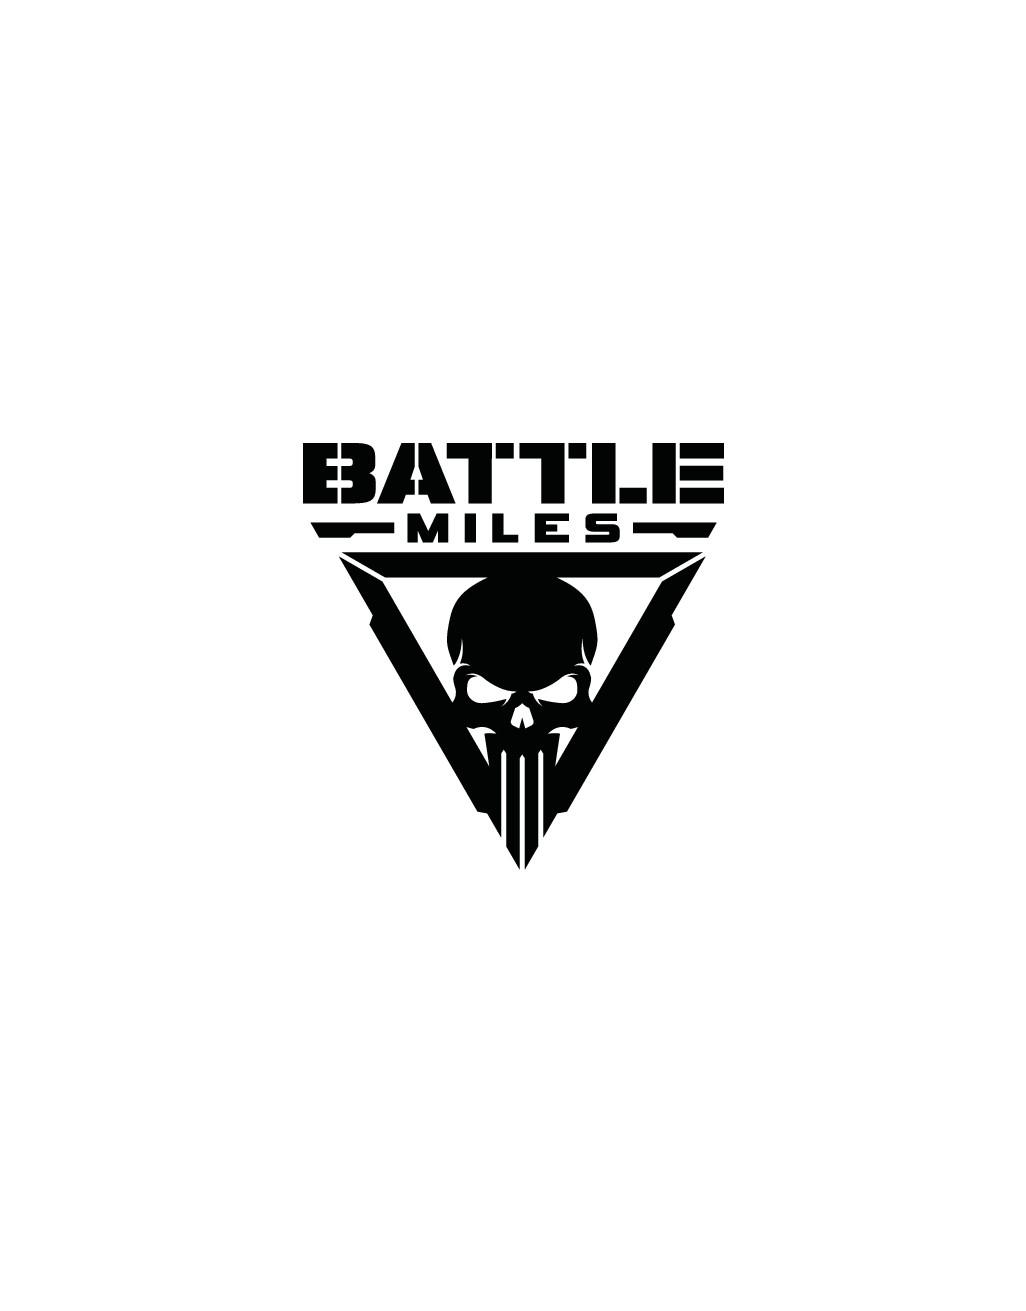 Needing a skull logo for runners 💀